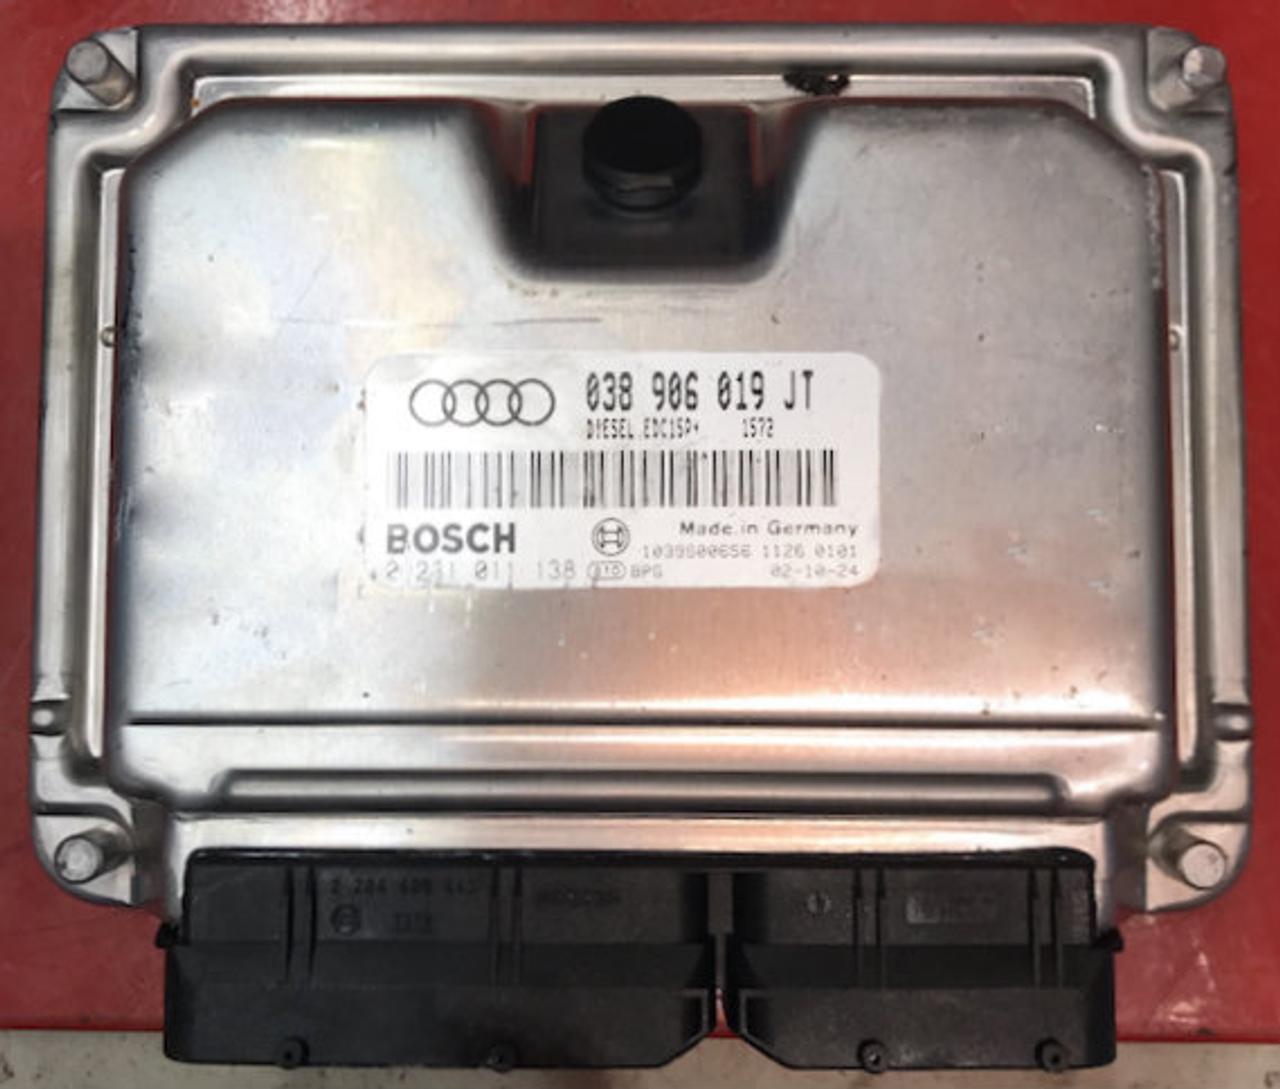 Audi, 0281011138, 0281 011 138, 038906019JT, 038 906 019 JT, EDC15P+